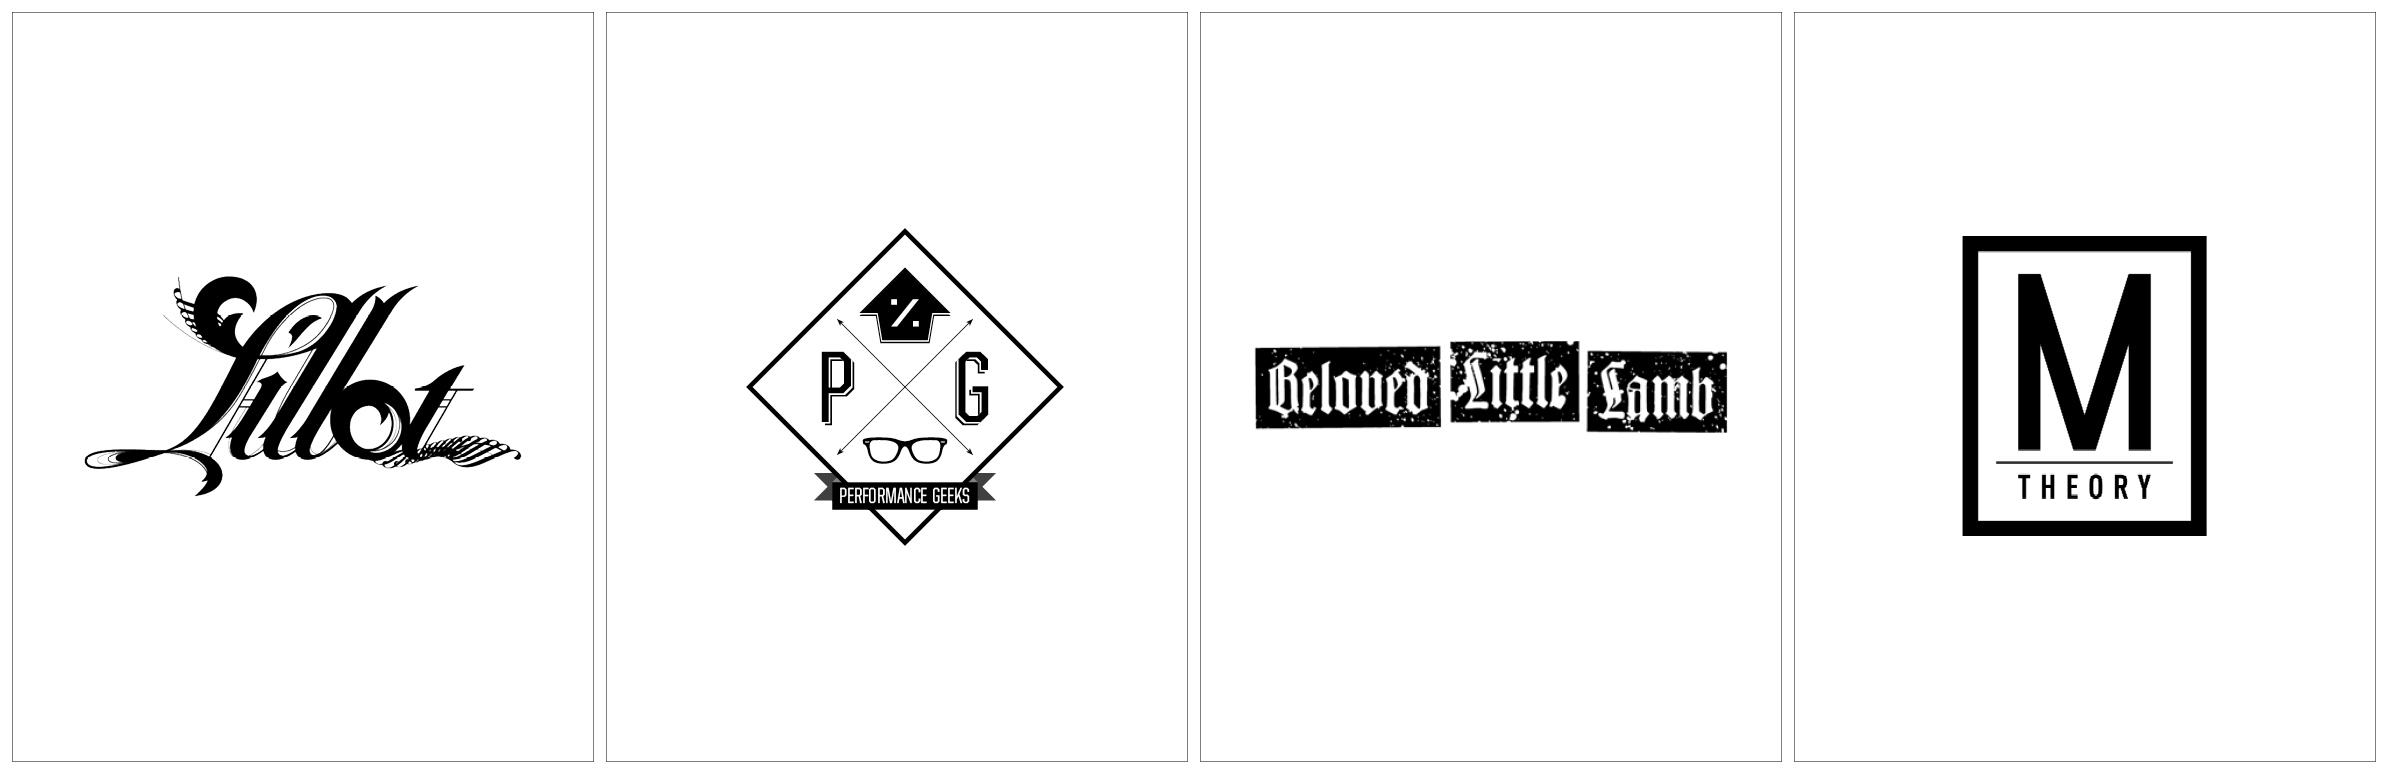 Logos_v2.jpg